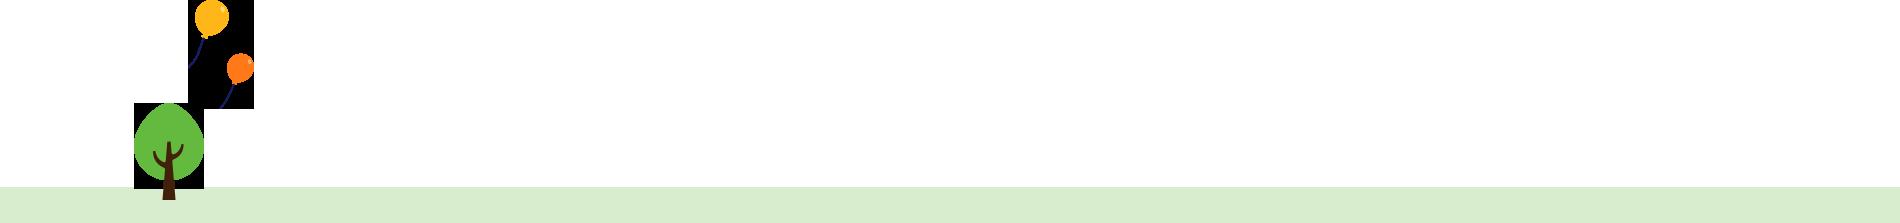 岡山県岡山市北区の歯医者 たんじフレンド歯科 花飾り